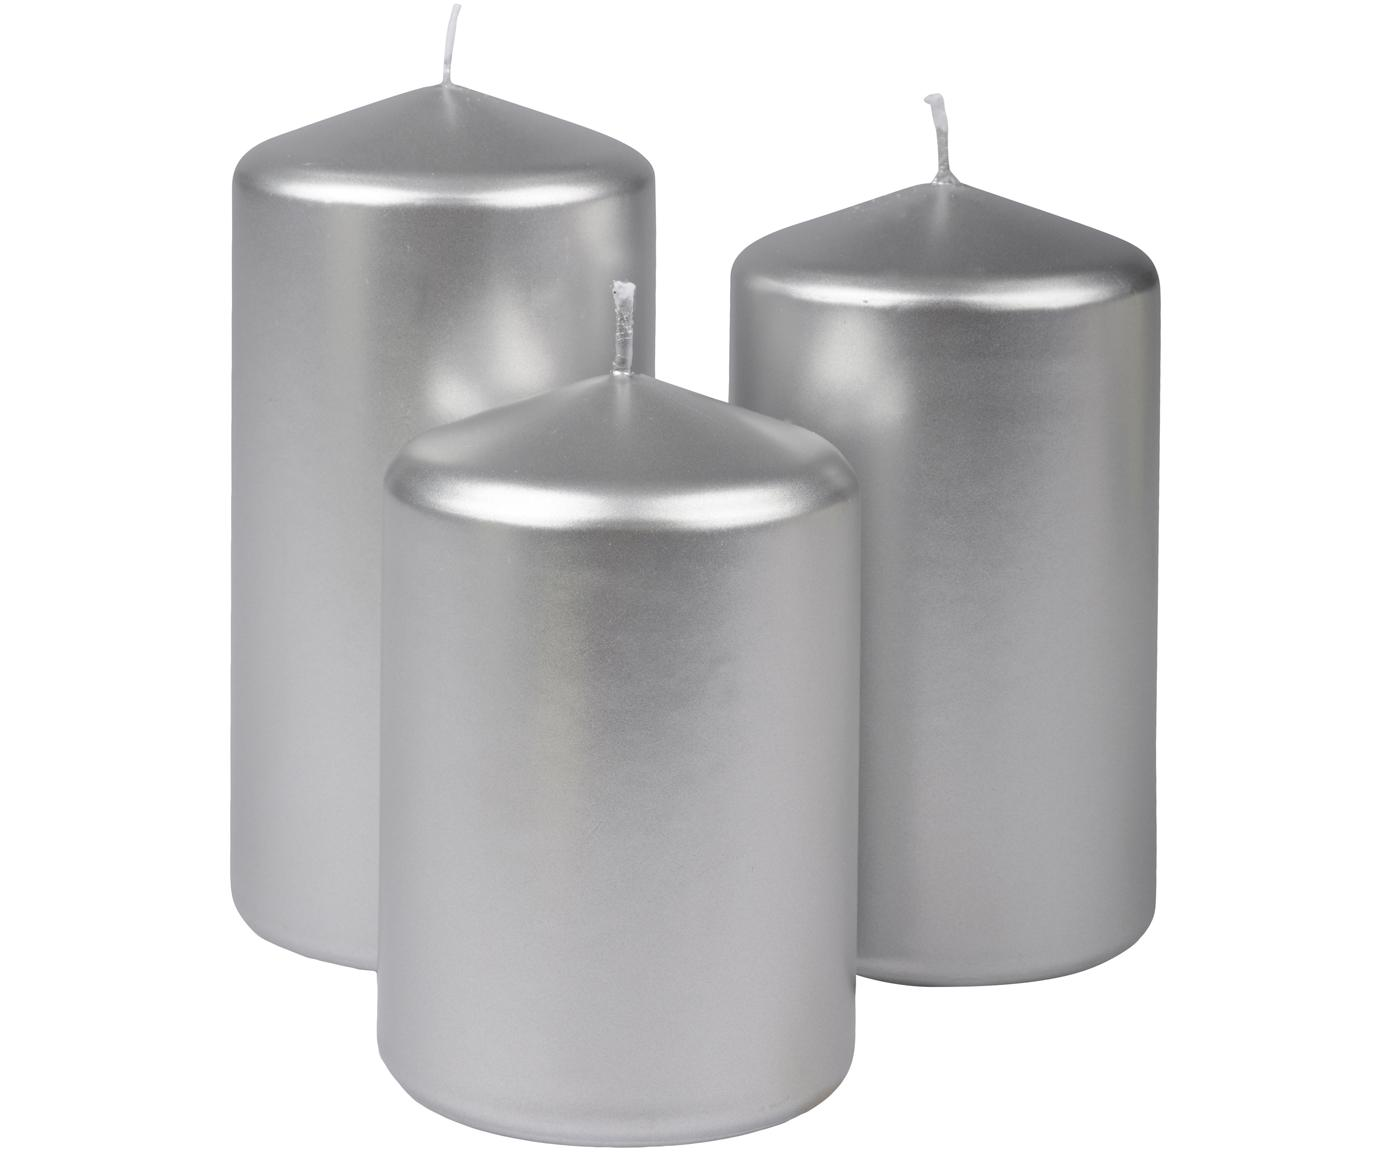 Stumpenkerzen-Set Parilla, 3-tlg., Wachs, Silberfarben, Sondergrößen